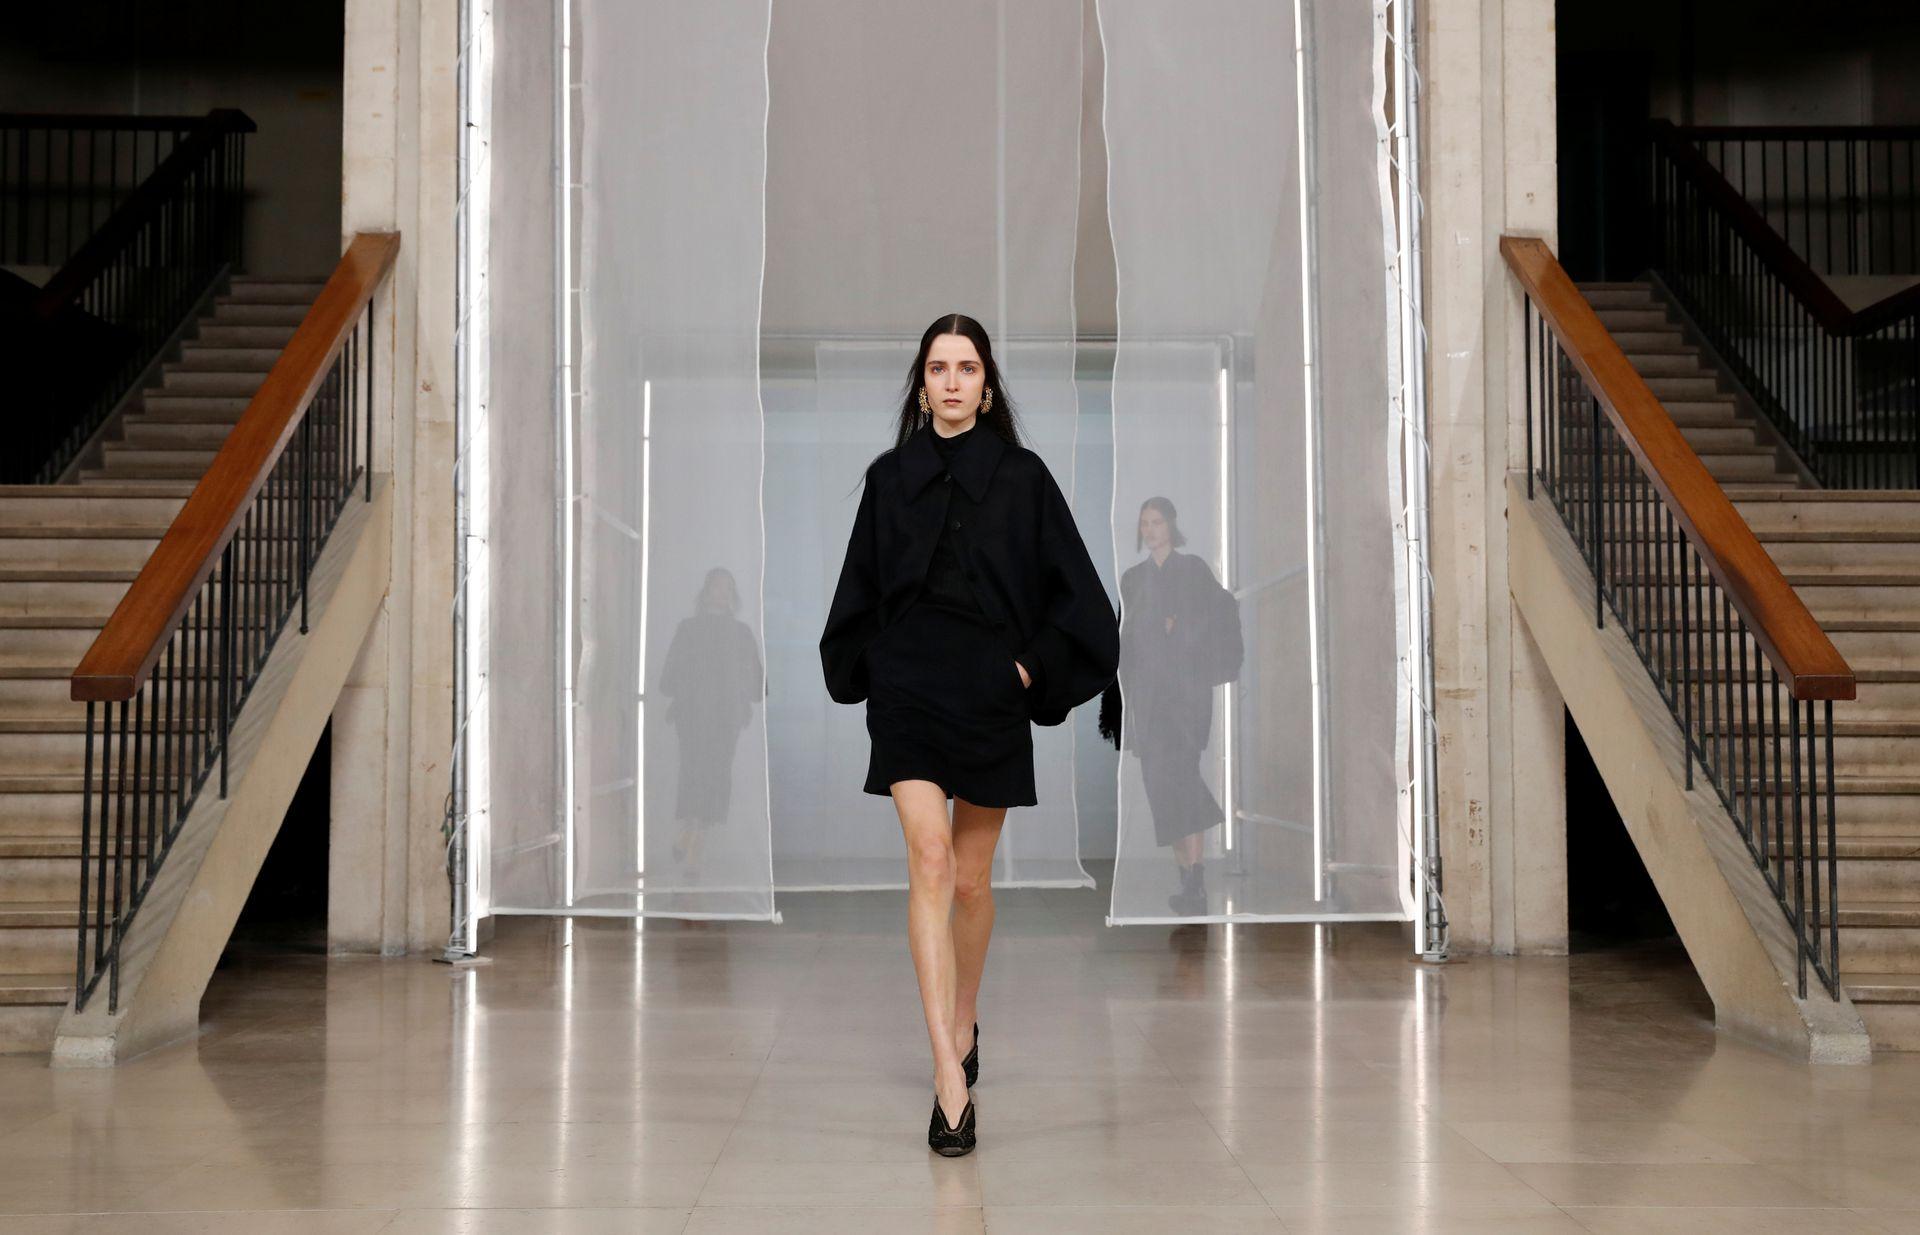 Colección de Maiko Kurogouchi para Mame Kurogouchi, en París Fashion Week 2020